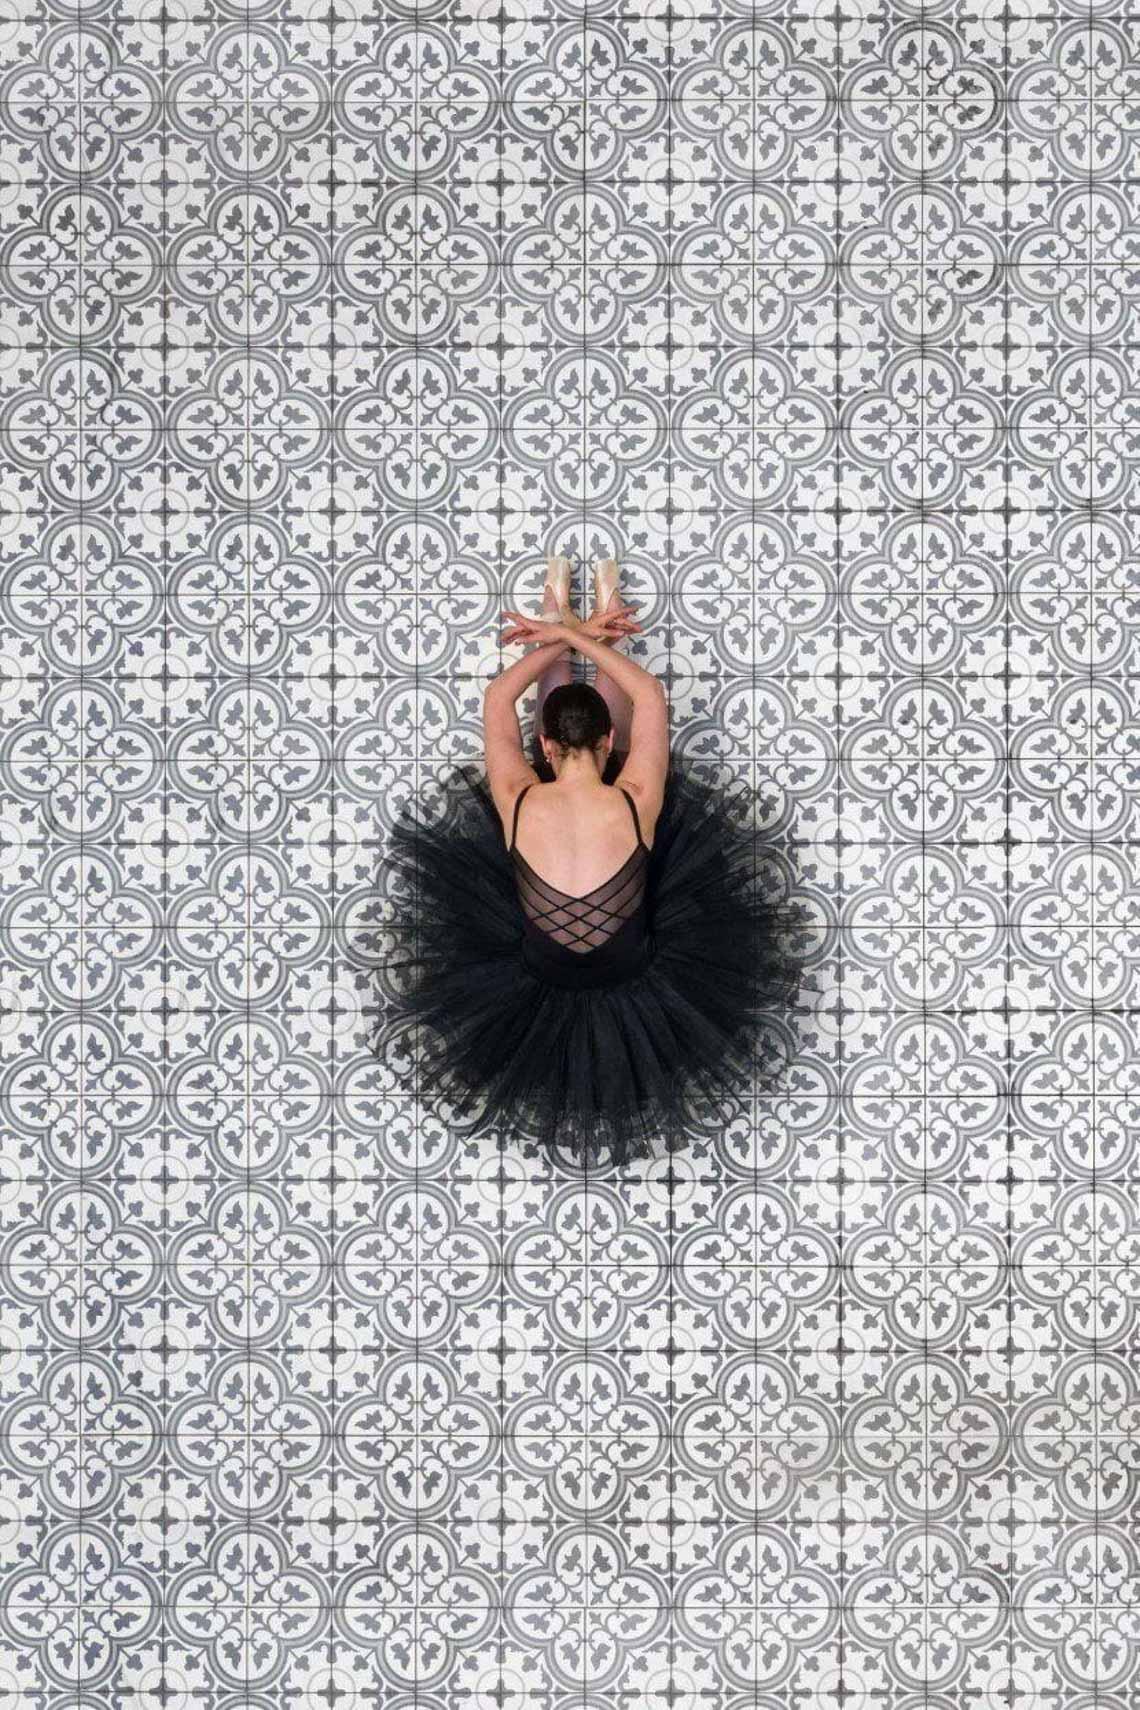 Vẻ đẹp của vũ công múa ballet qua góc chụp từ trên cao -6